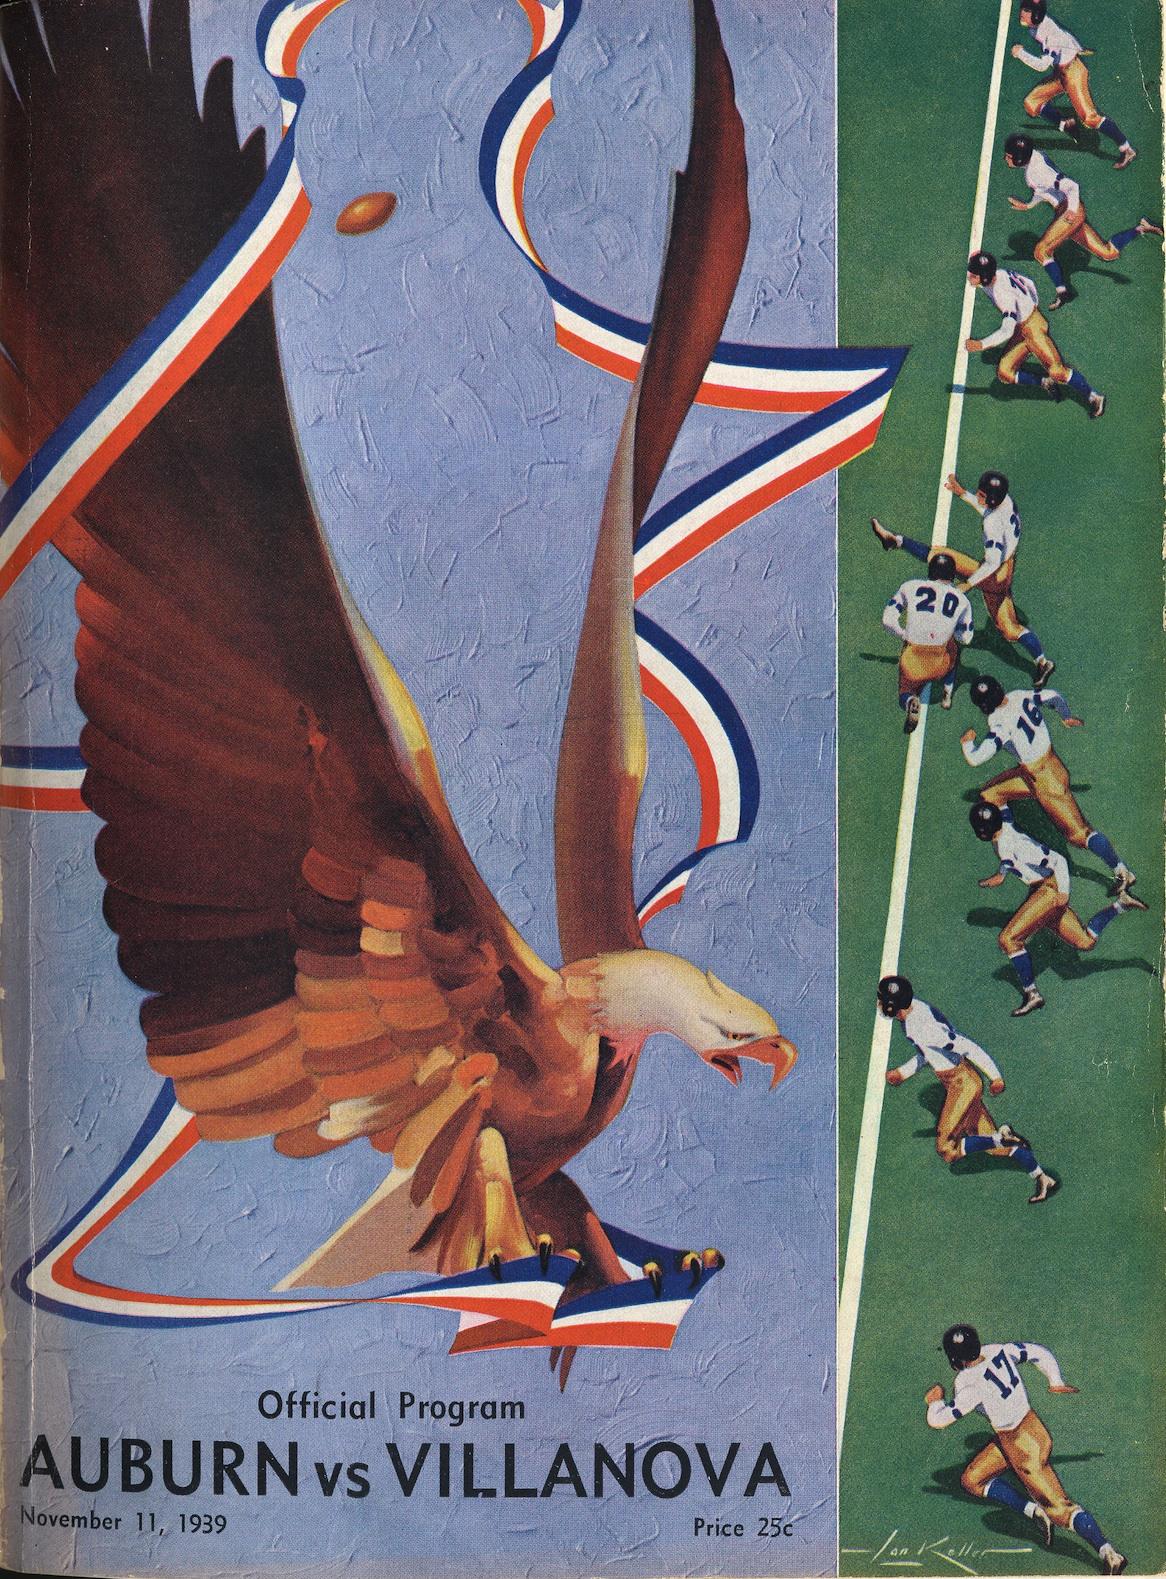 Auburn_vs_Villanova_1939 2